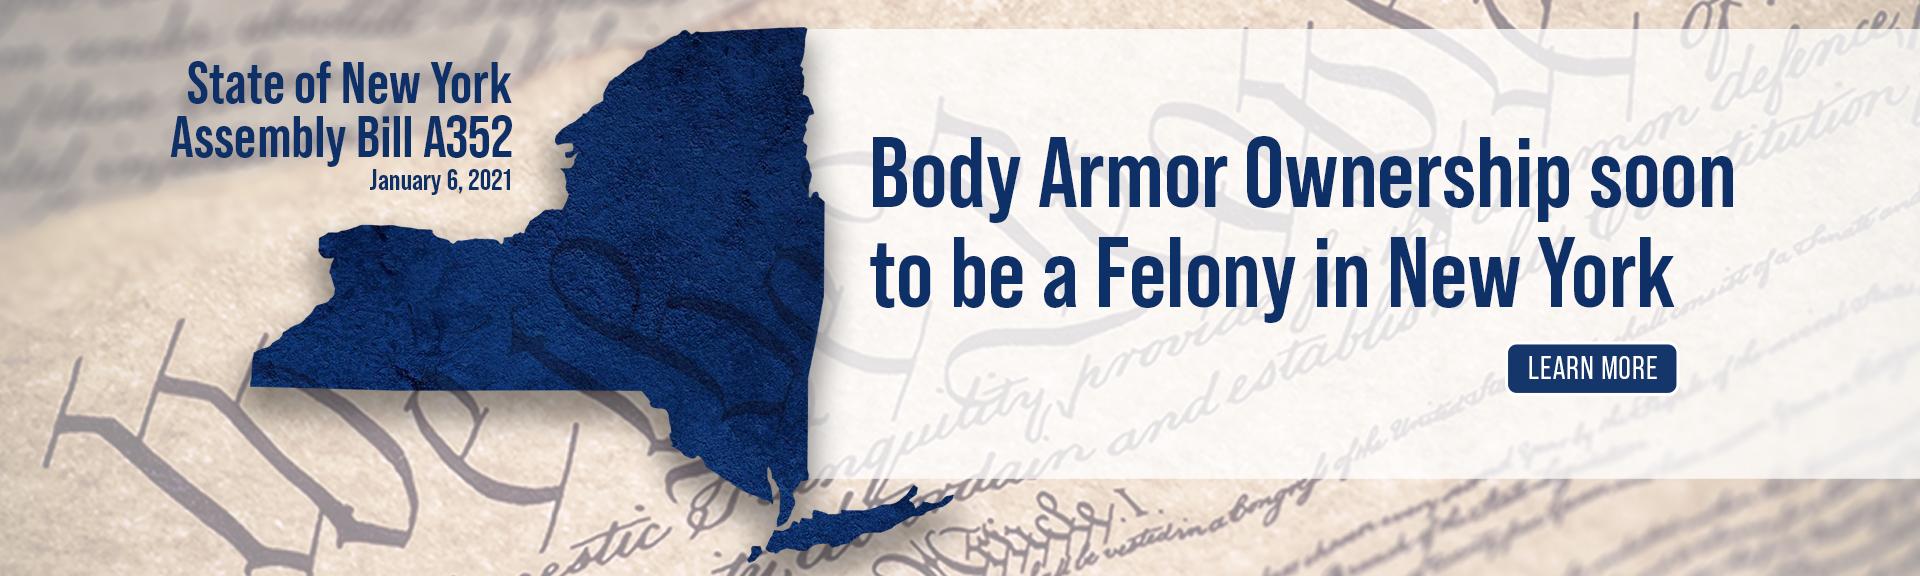 NY Body Armor Ban